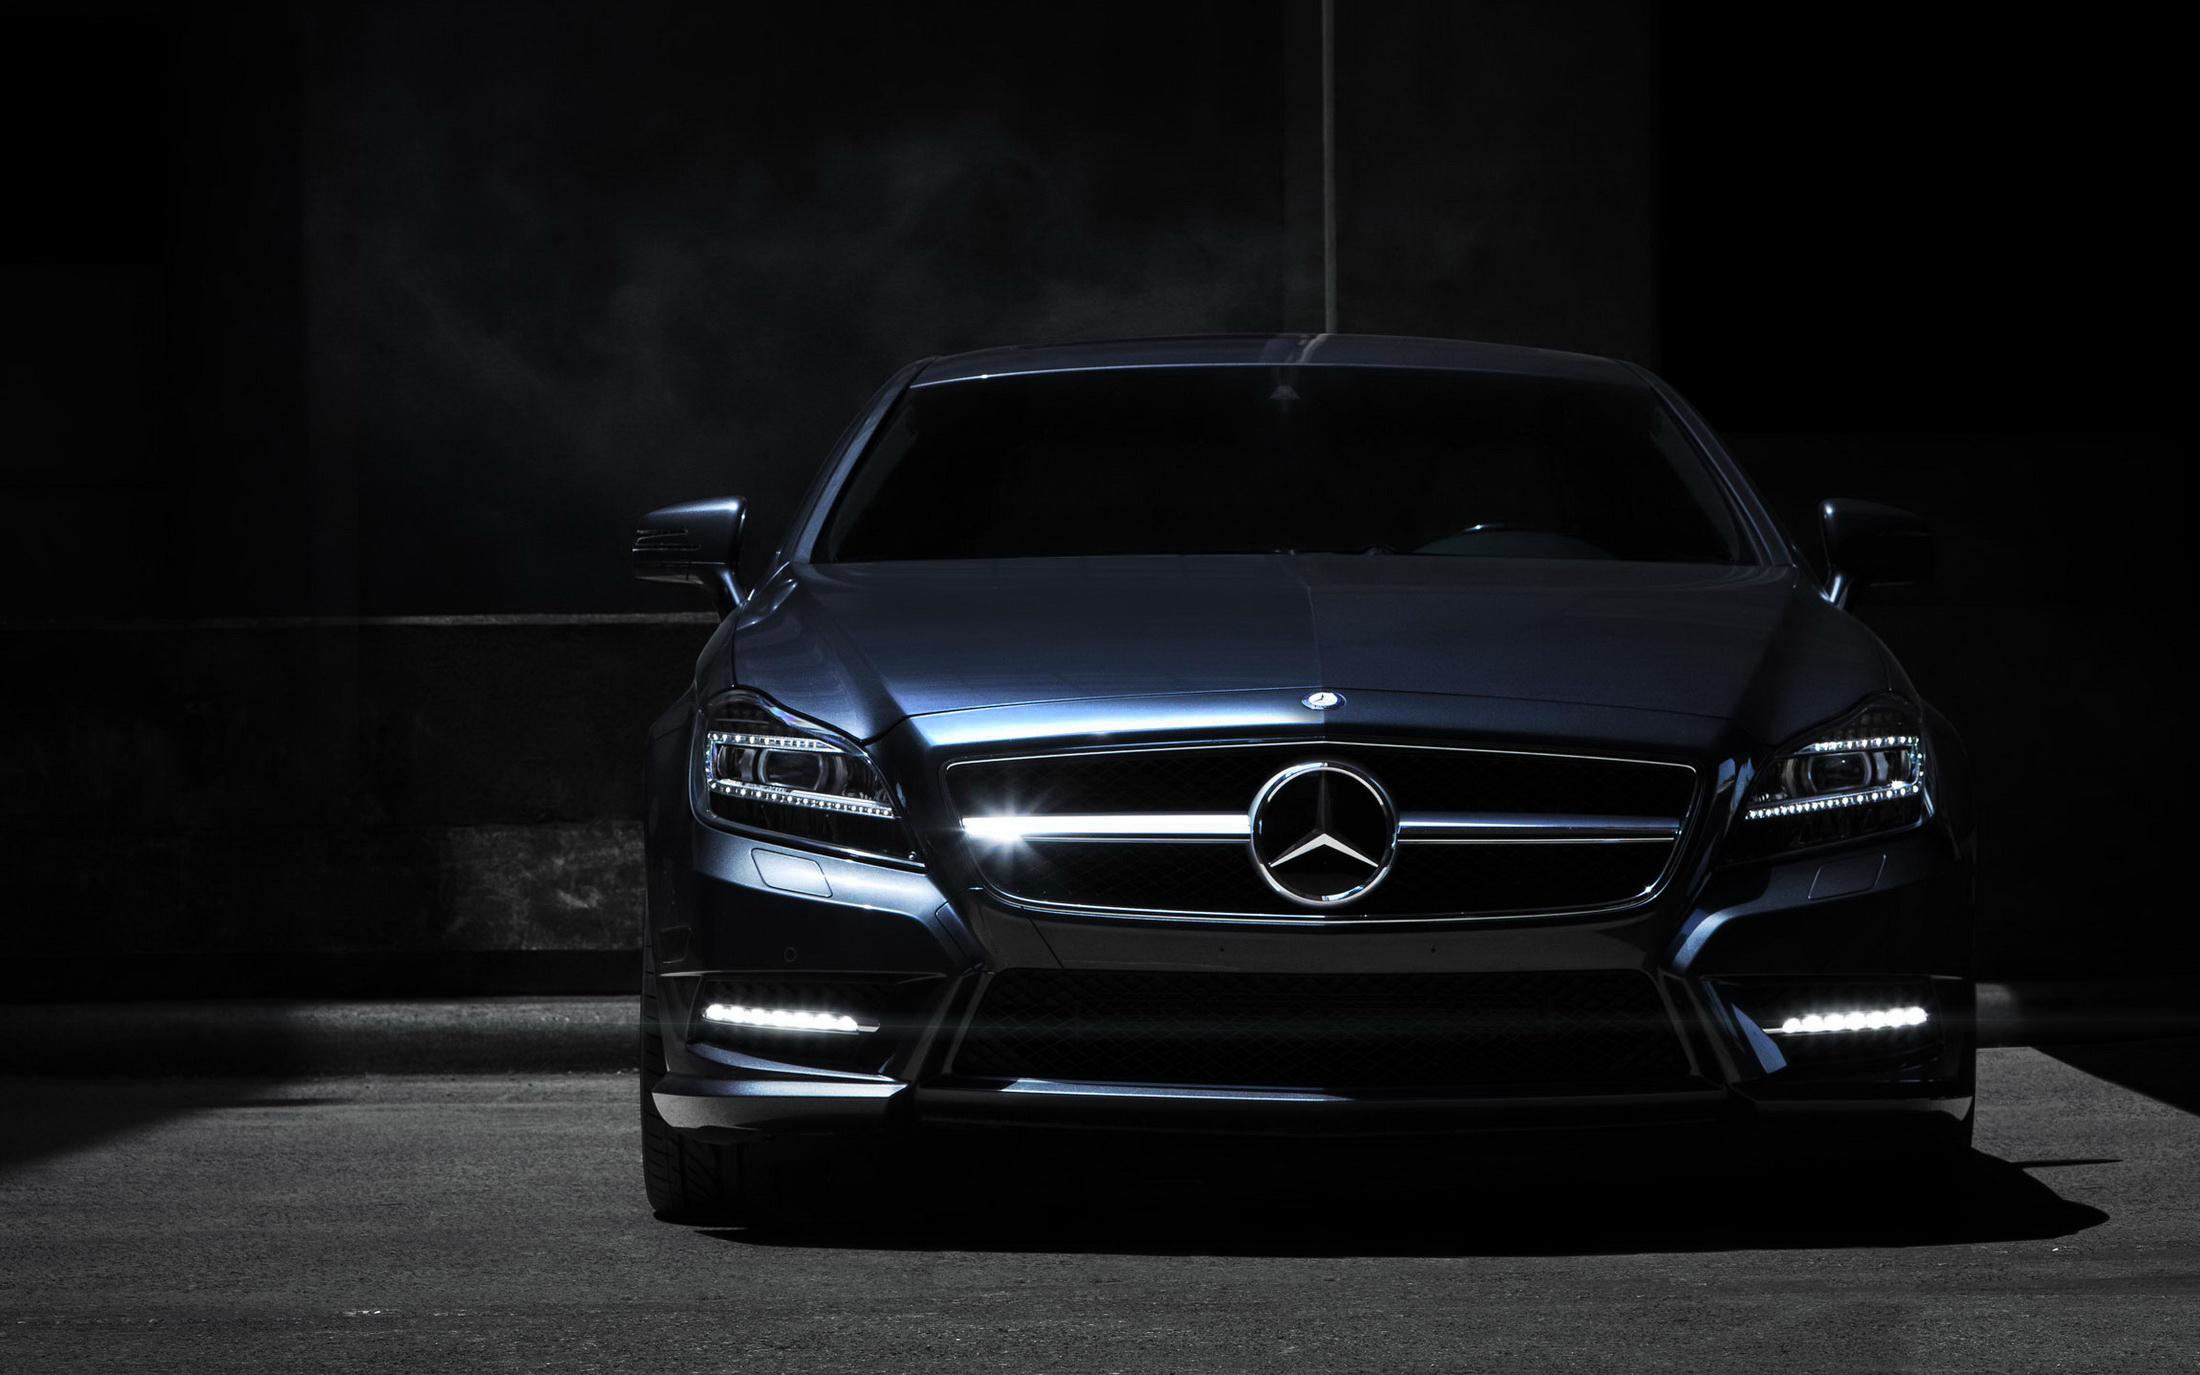 22156 Hintergrundbild herunterladen Auto, Transport, Mercedes - Bildschirmschoner und Bilder kostenlos